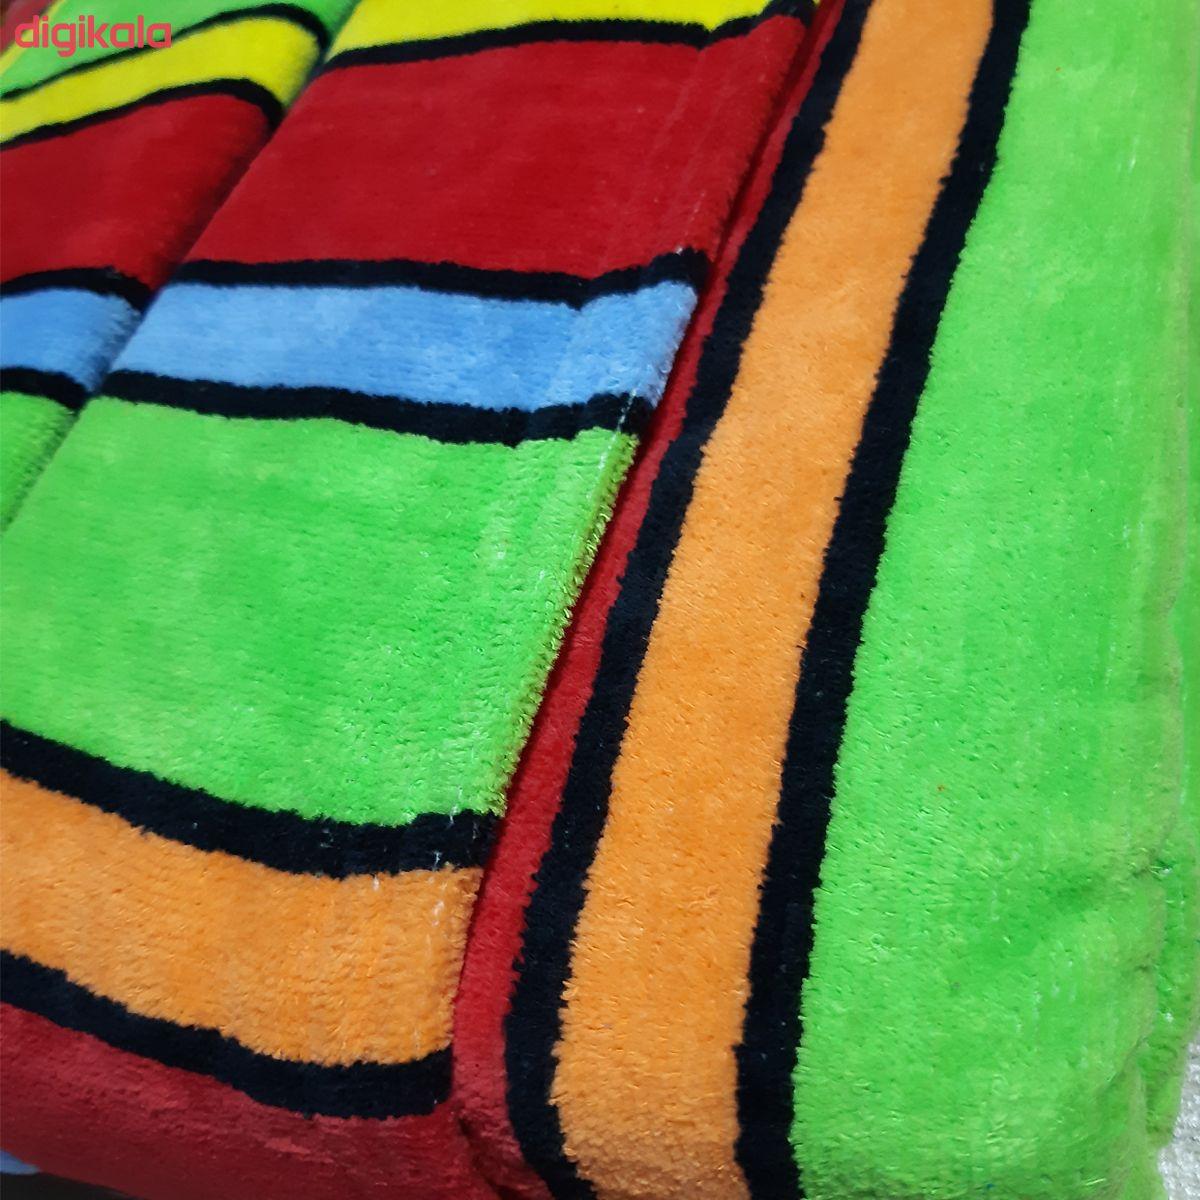 حوله پالتویی آذربافت مدل رنگی رنگی سایز 125 main 1 6